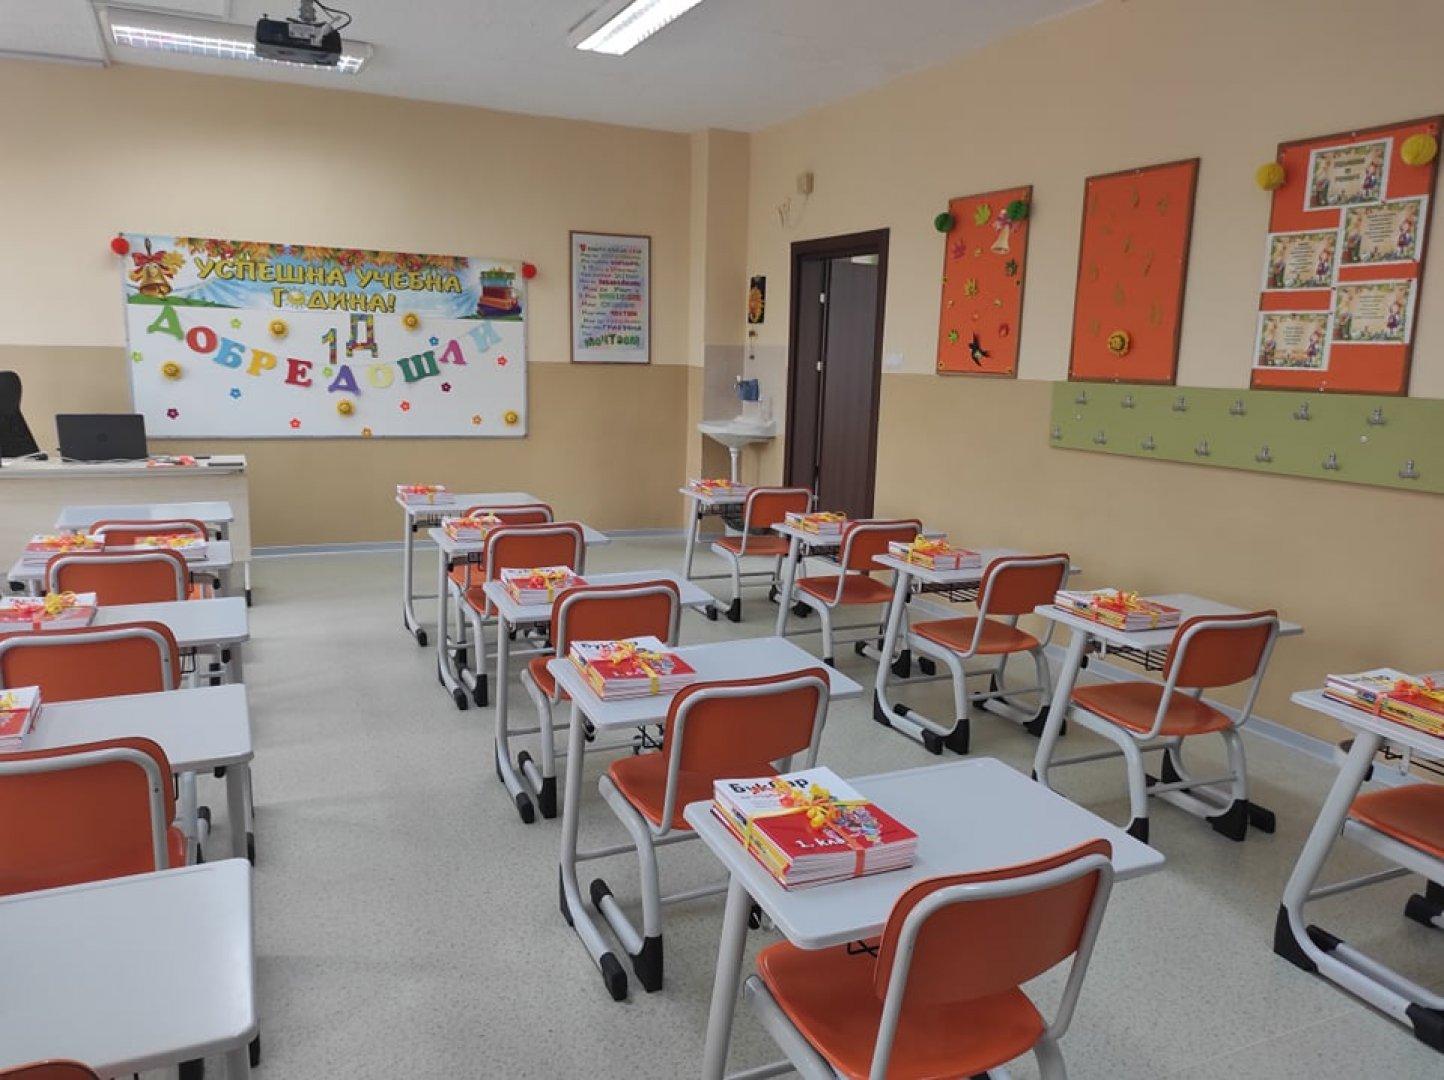 Първокласниците ще прекрачат прага на 90 обновени класни стаи по общинската програма Първокласно начало. Снимка Община Бургас